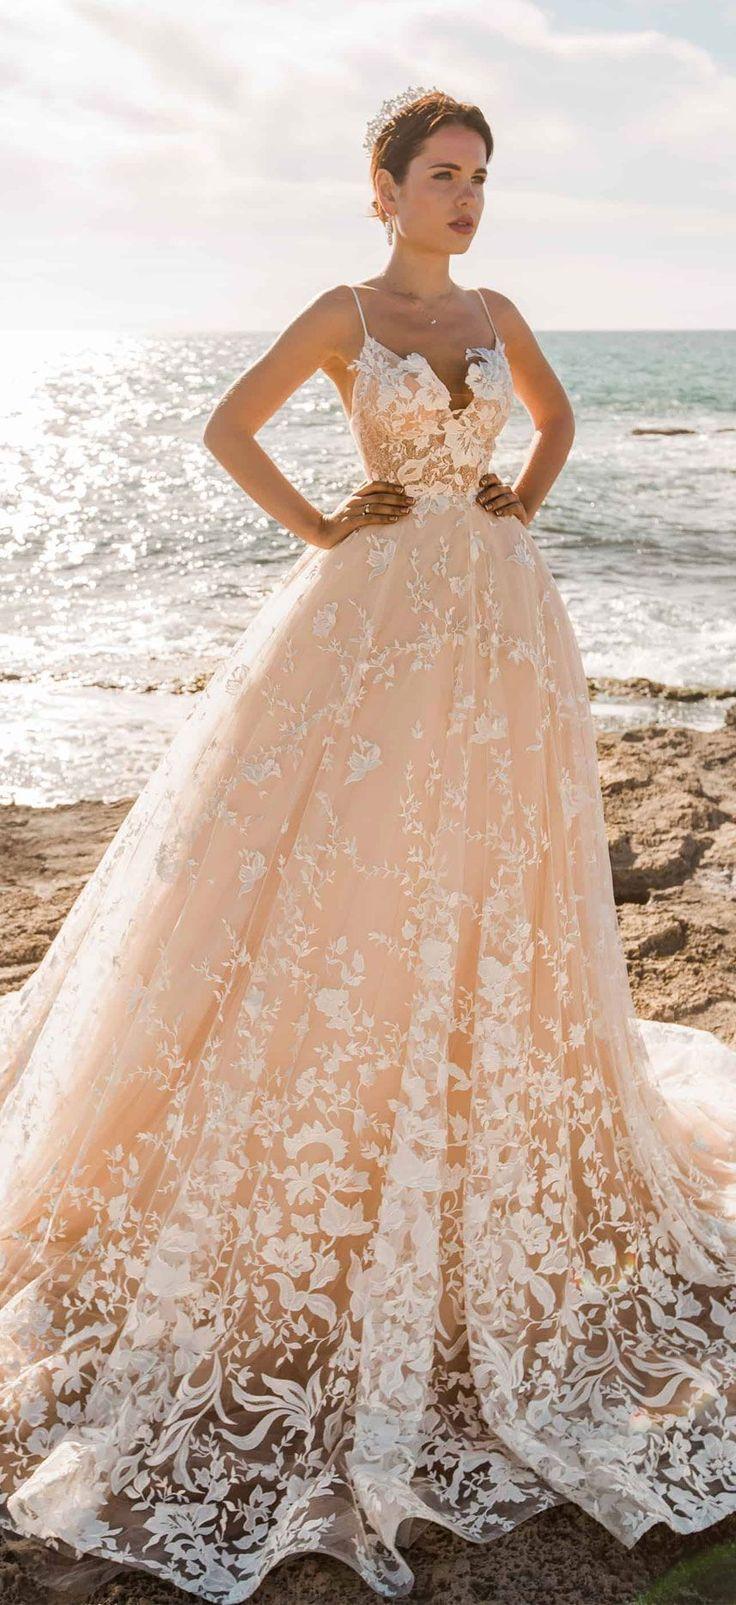 32 Beach Wedding Dresses Perfect For A Destination Wedding – Fab Wedding Dress…